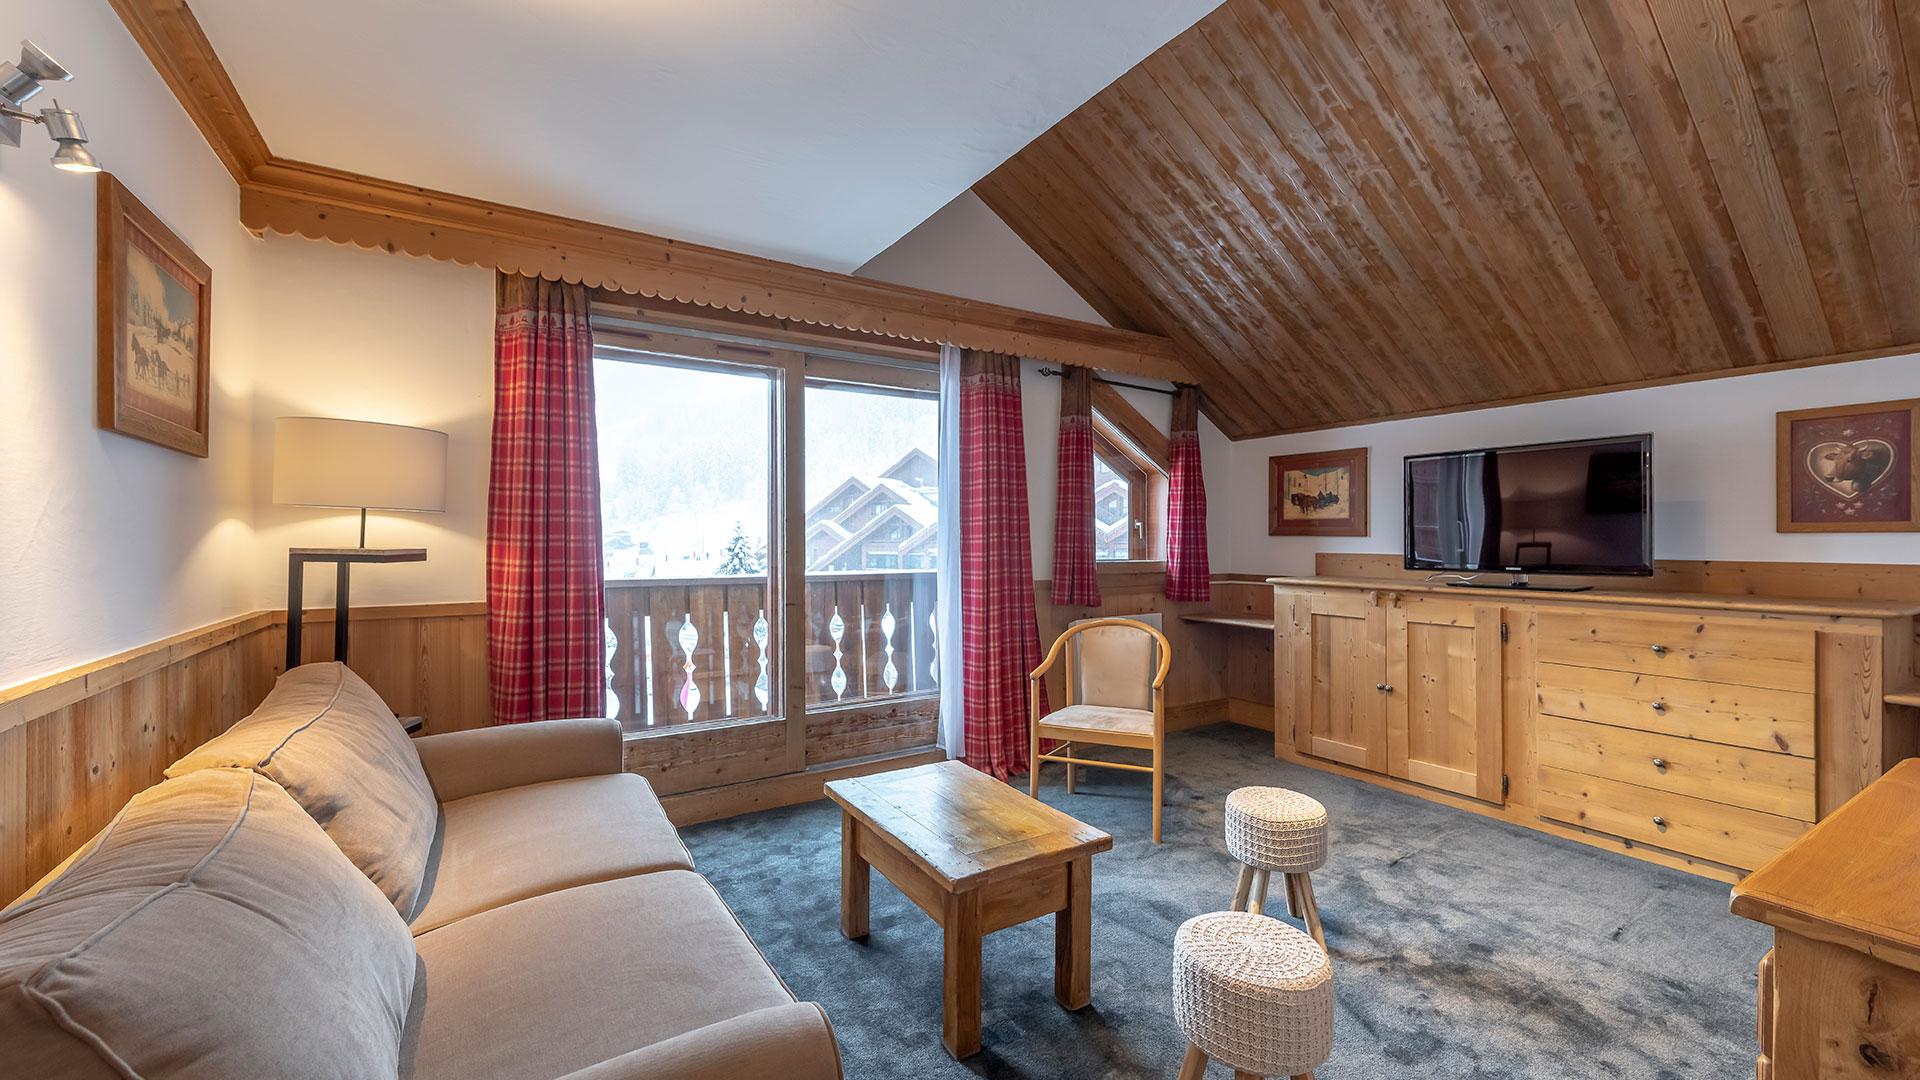 Grand salon confortable hôtel piscine Auvergne Rhône Alpes